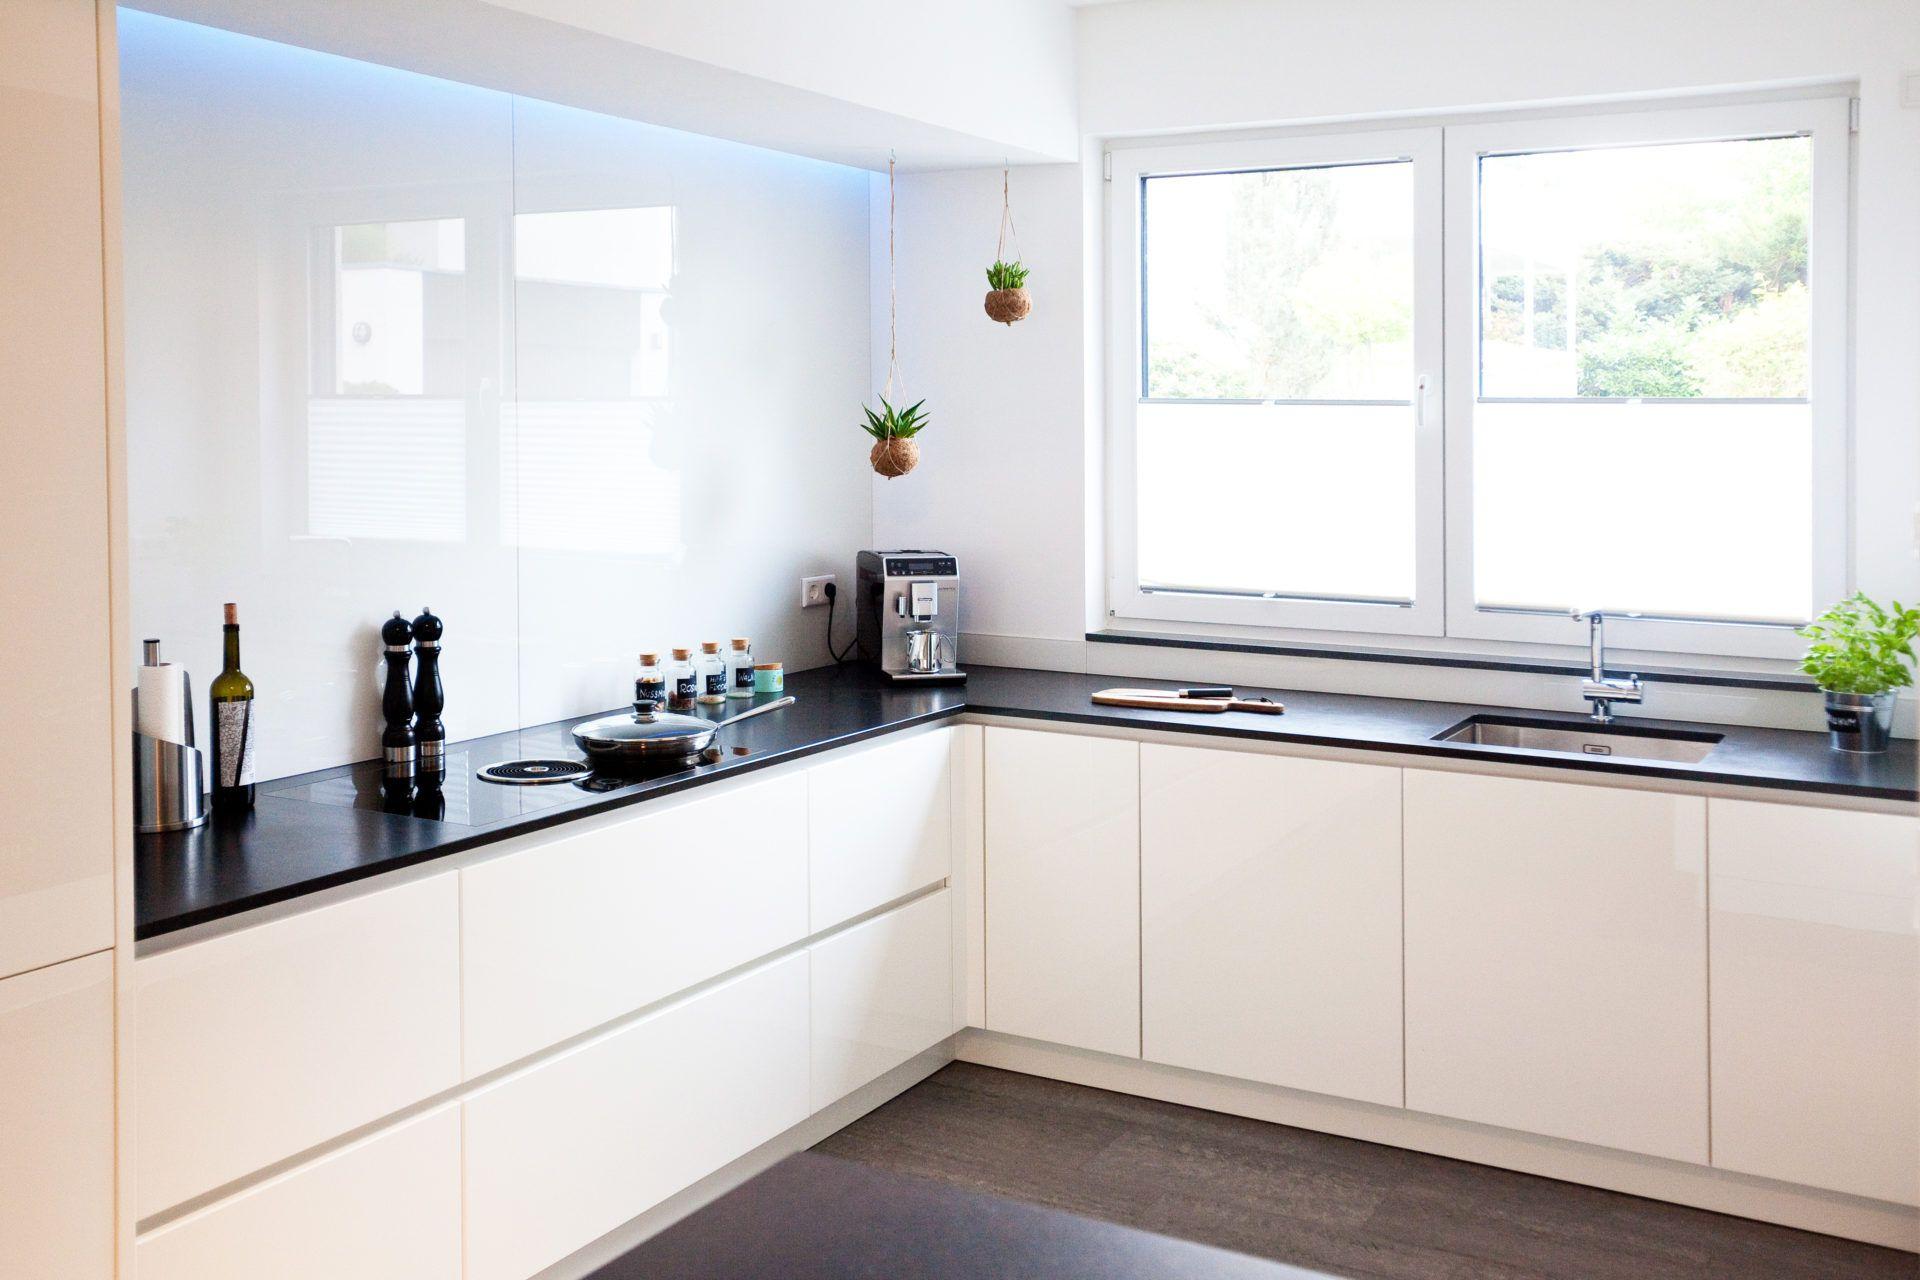 Moderne Hochglanz Kueche Weiss Kochinsel Neff 025 | Living Home ...